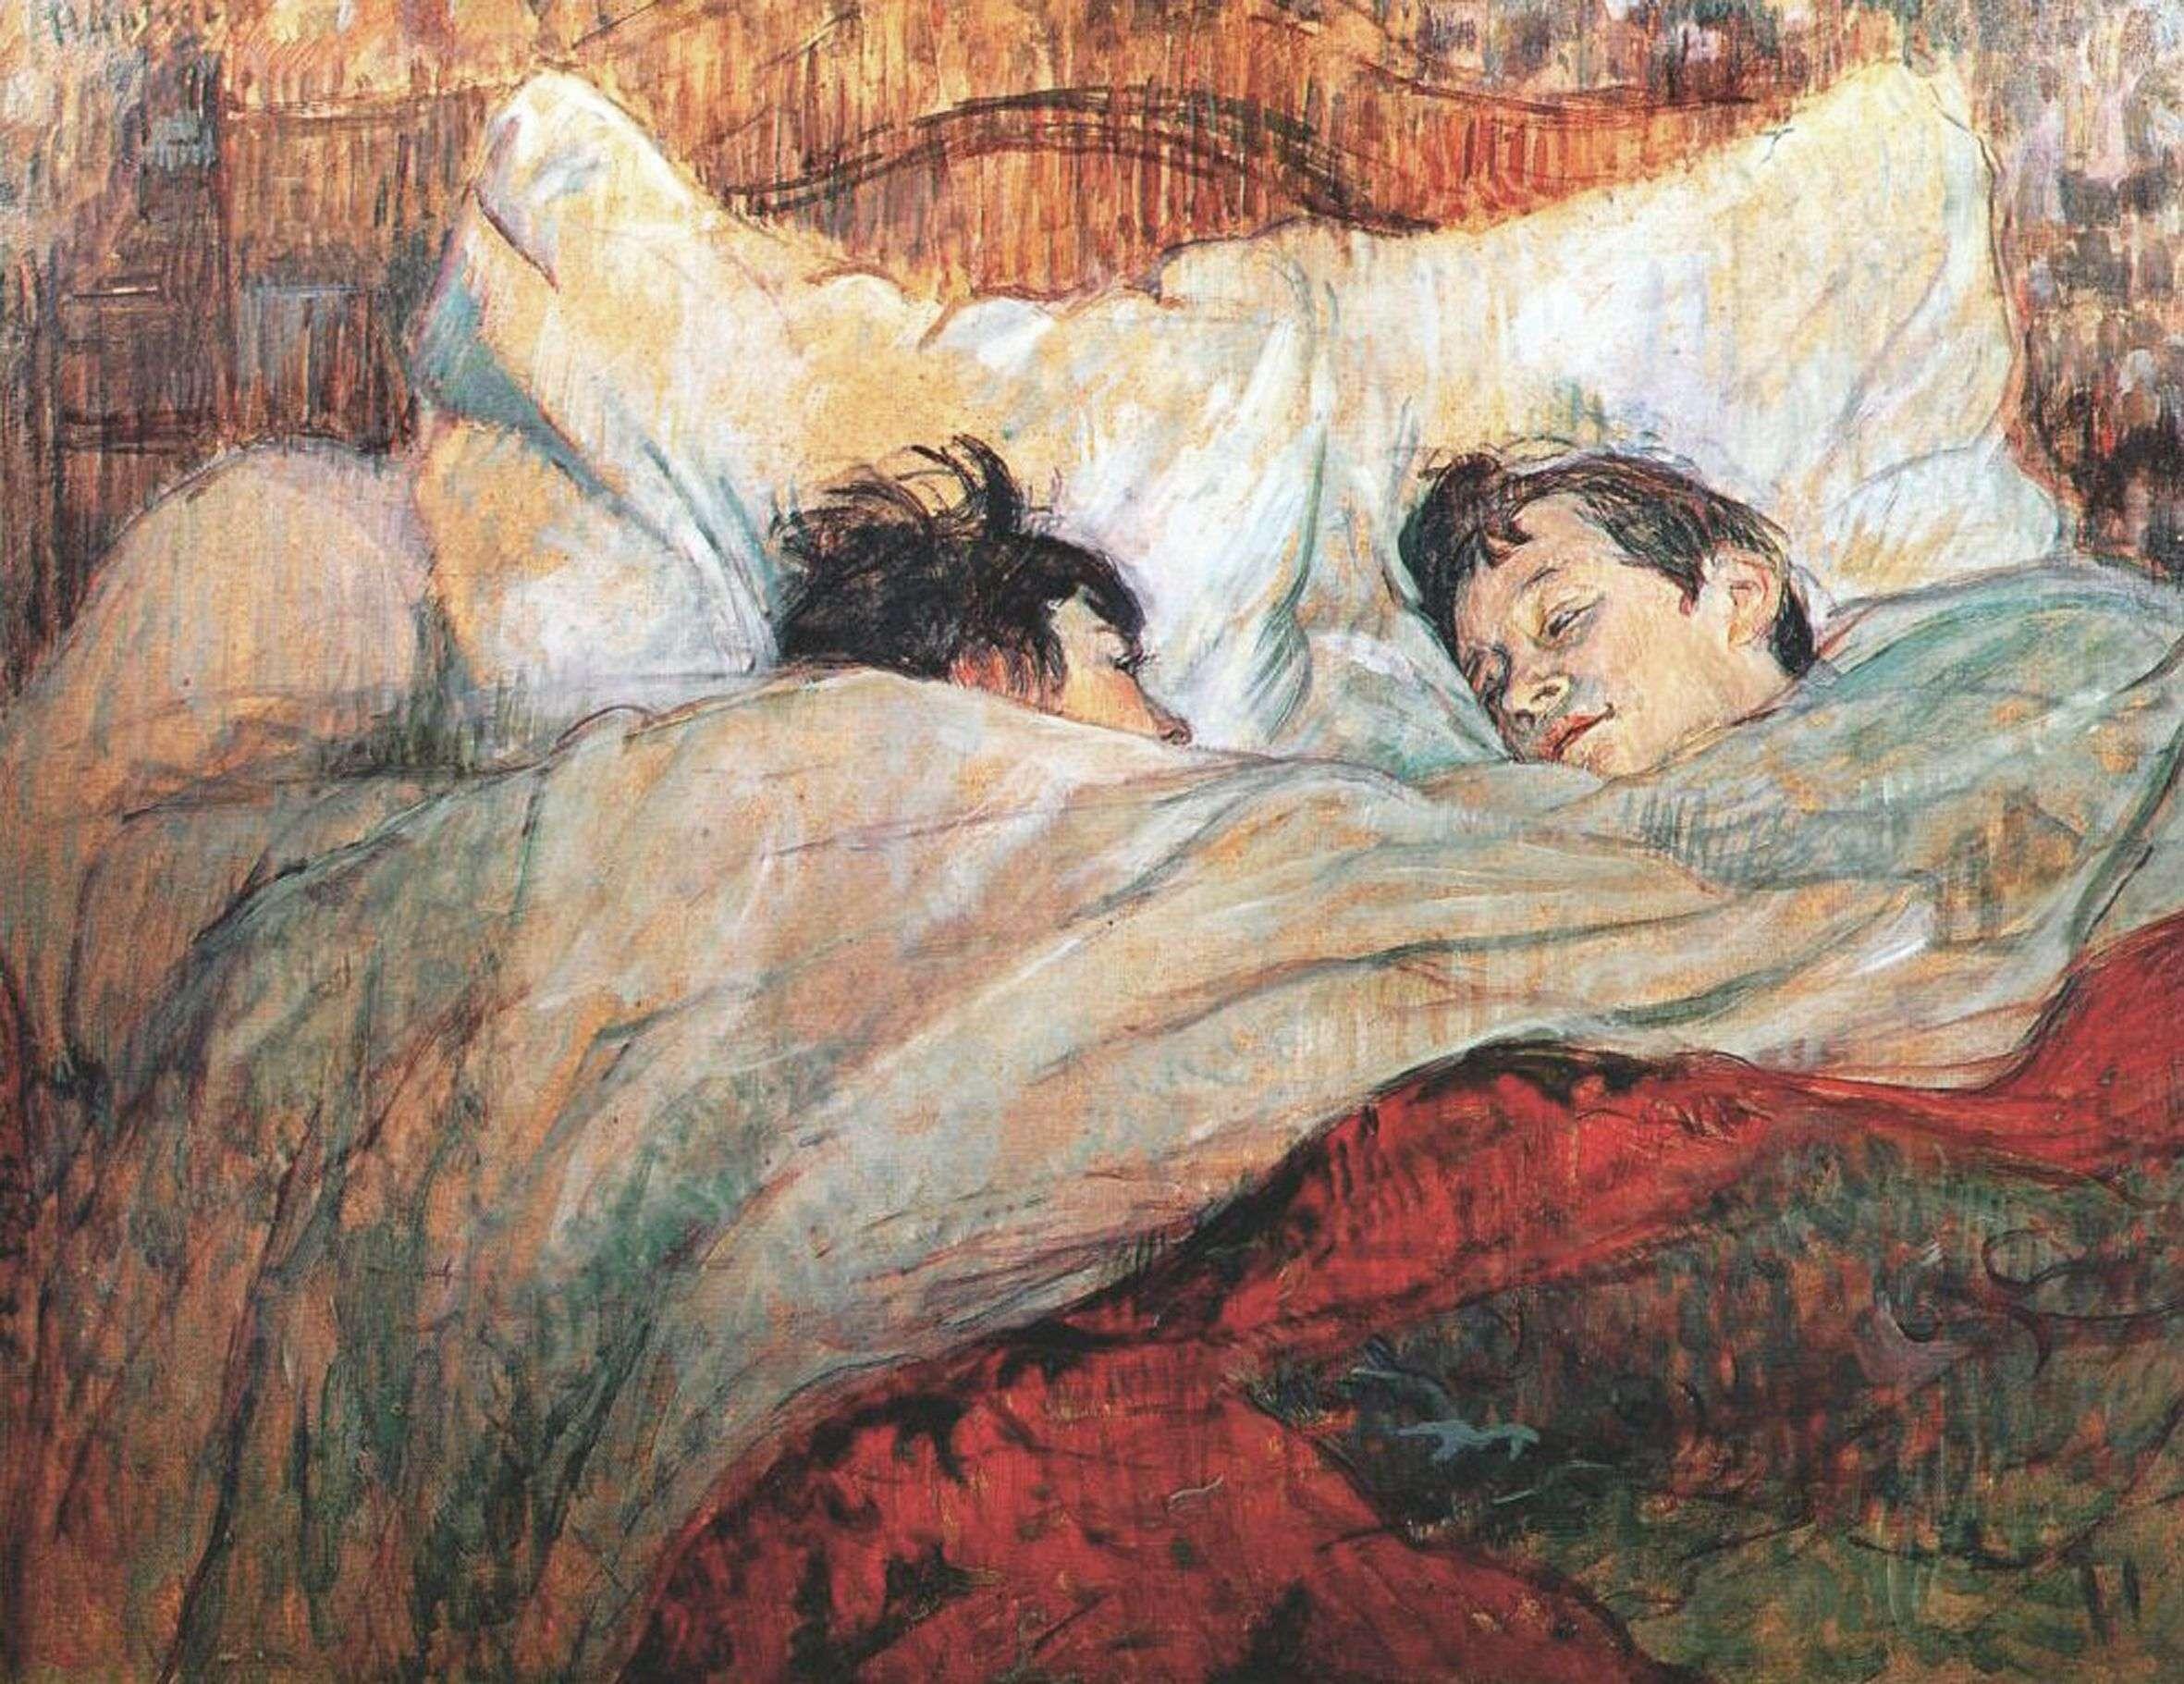 Ανρί ντε Τουλούζ-Λωτρέκ (Henri Marie Raymond de Toulouse-Lautrec-Monfa, 24 Νοεμβρίου 1864 - 9 Σεπτεμβρίου 1901). «Στο κρεβάτι», 1893, Παρίσι, Μουσείο Ορσέ.